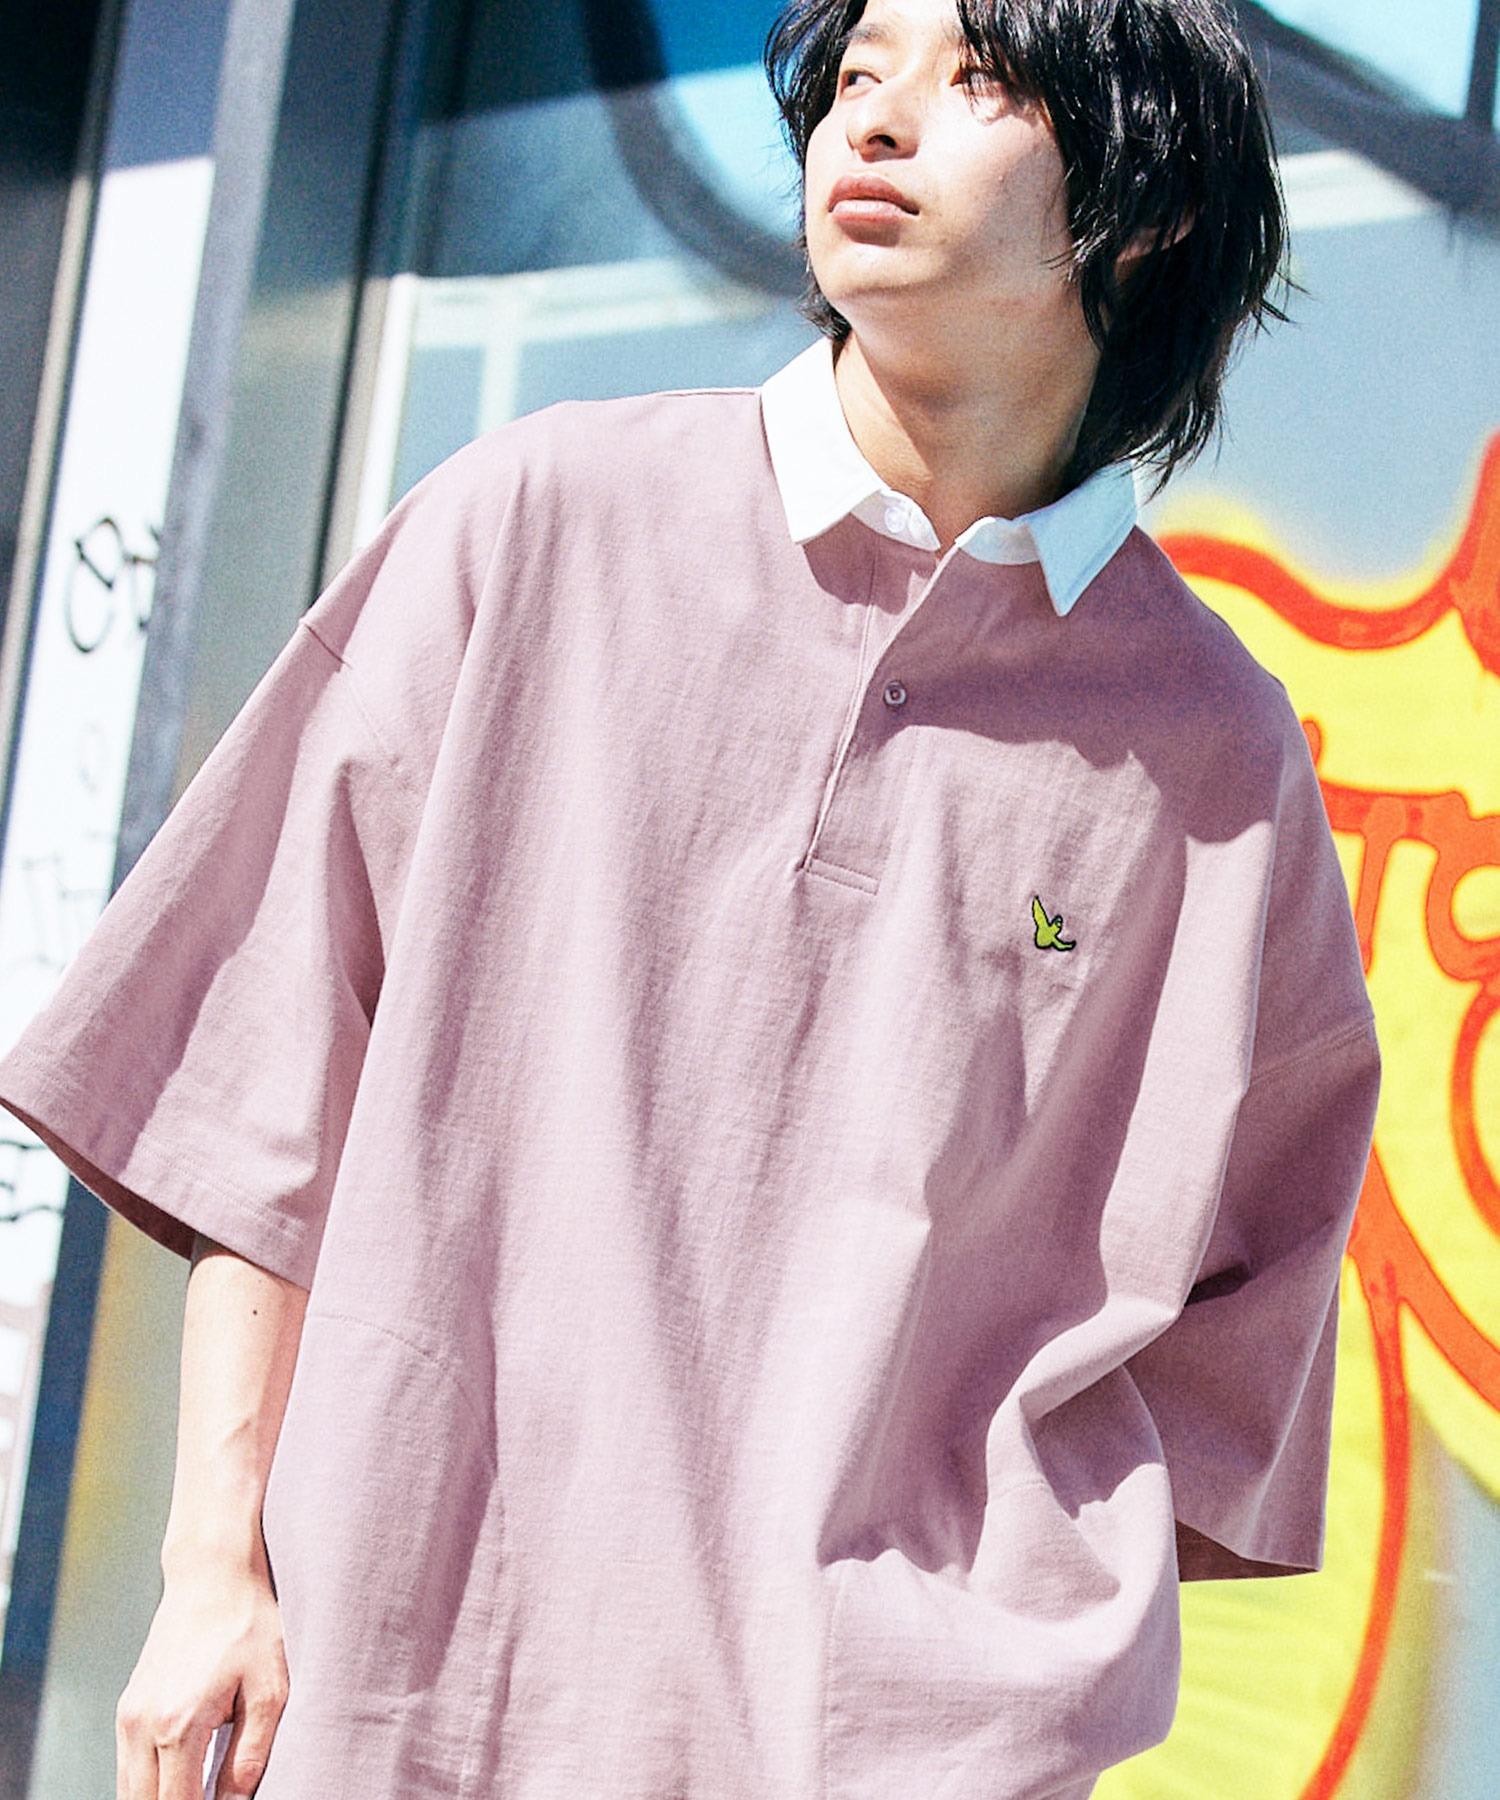 Mark Gonzales/マークゴンザレス MONO-MART別注 ロゴ刺繍 ビッグシルエット サイドポケット 半袖ラガーシャツ